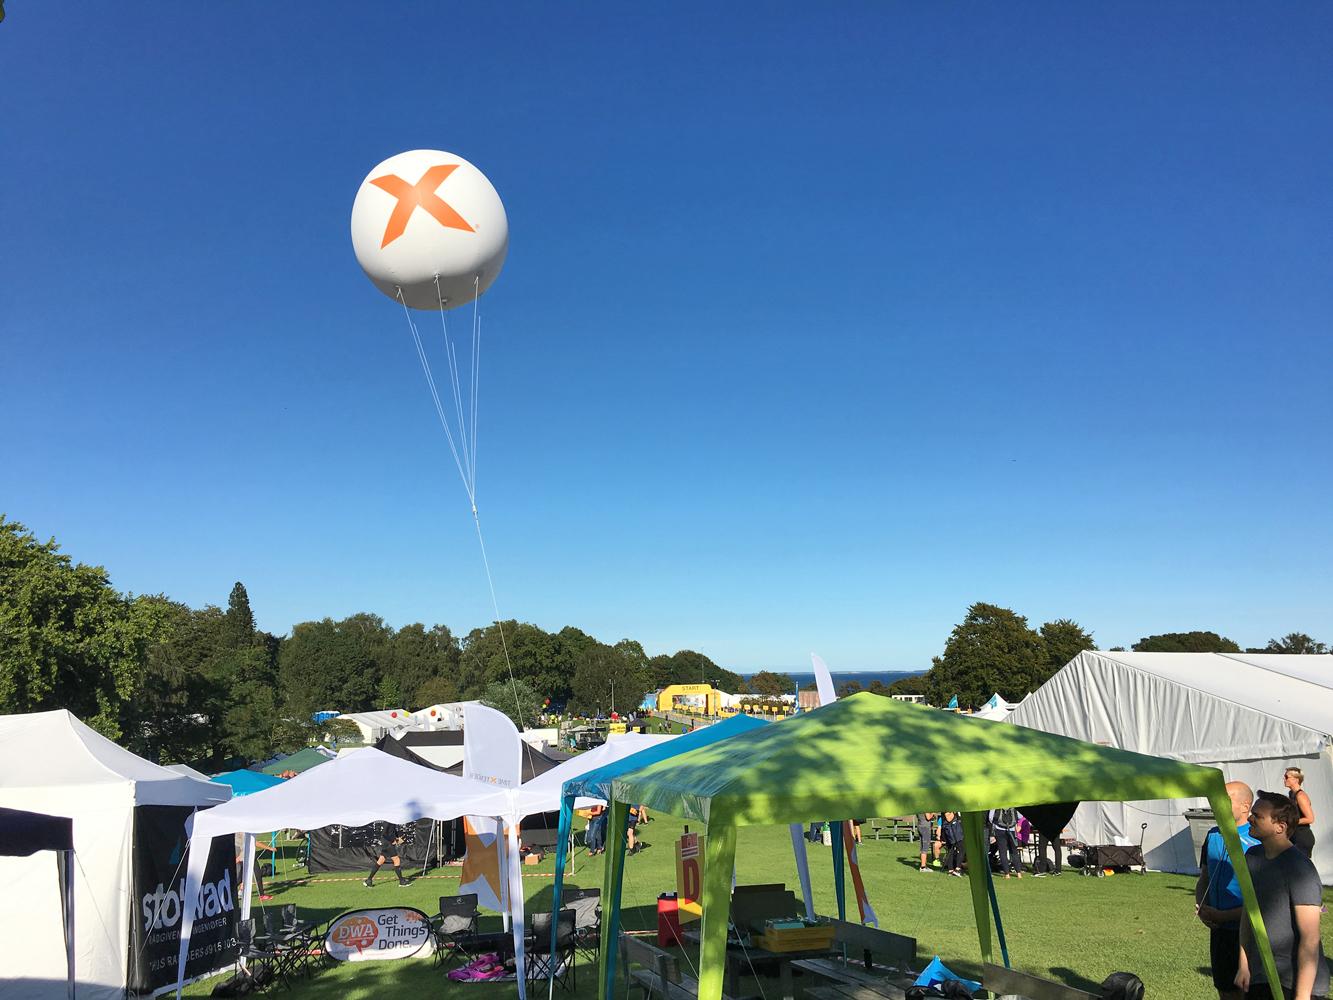 Jätteballonger med helium